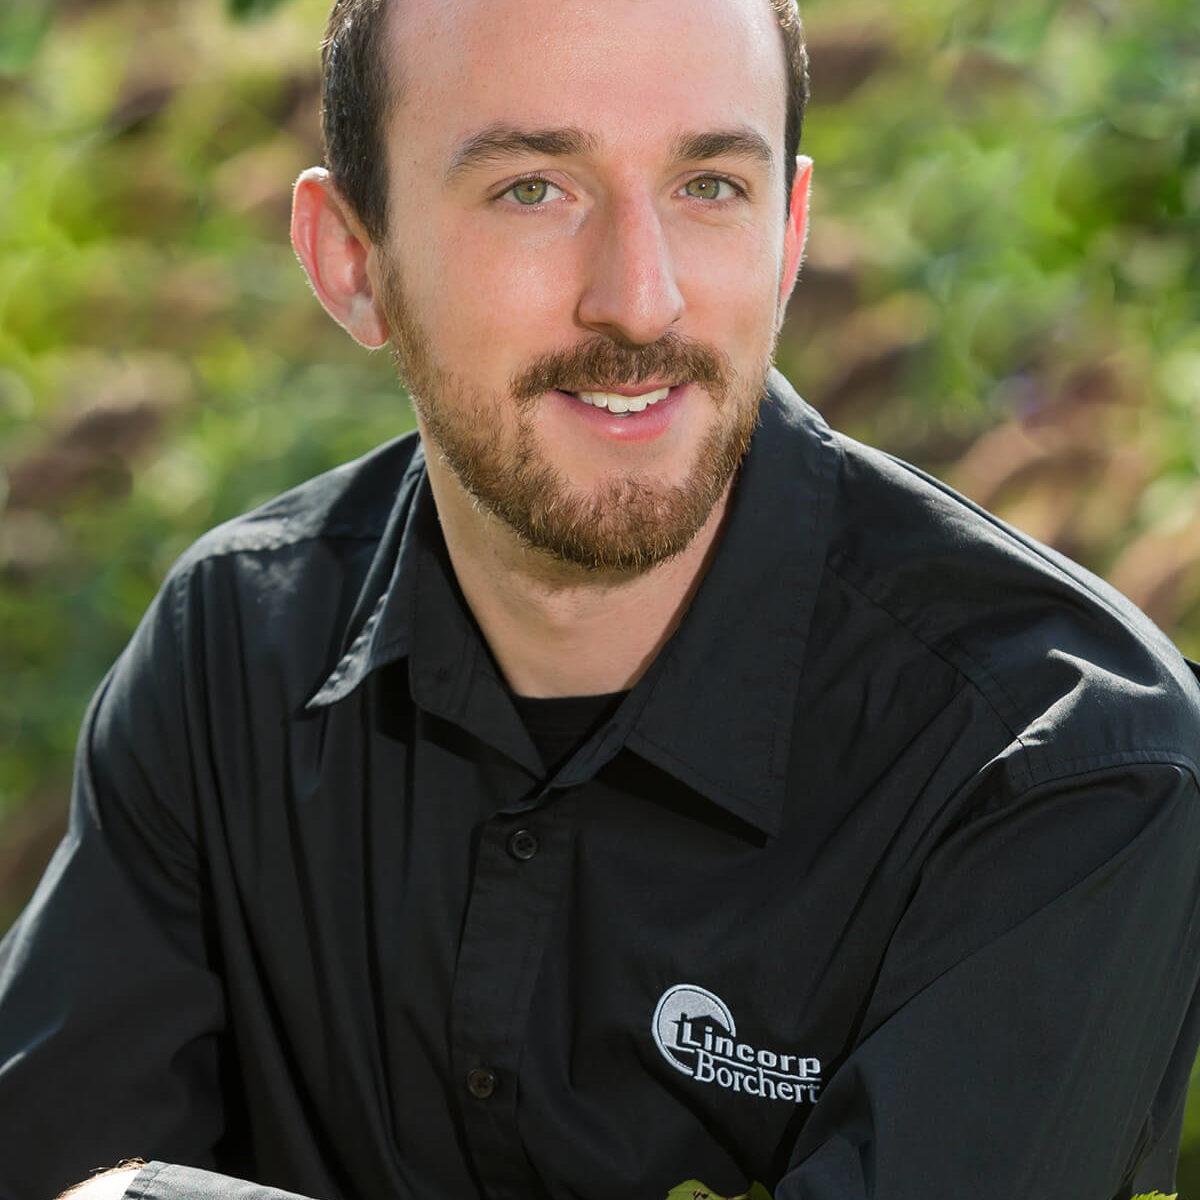 Jordan Eggli Michigan General Contractor